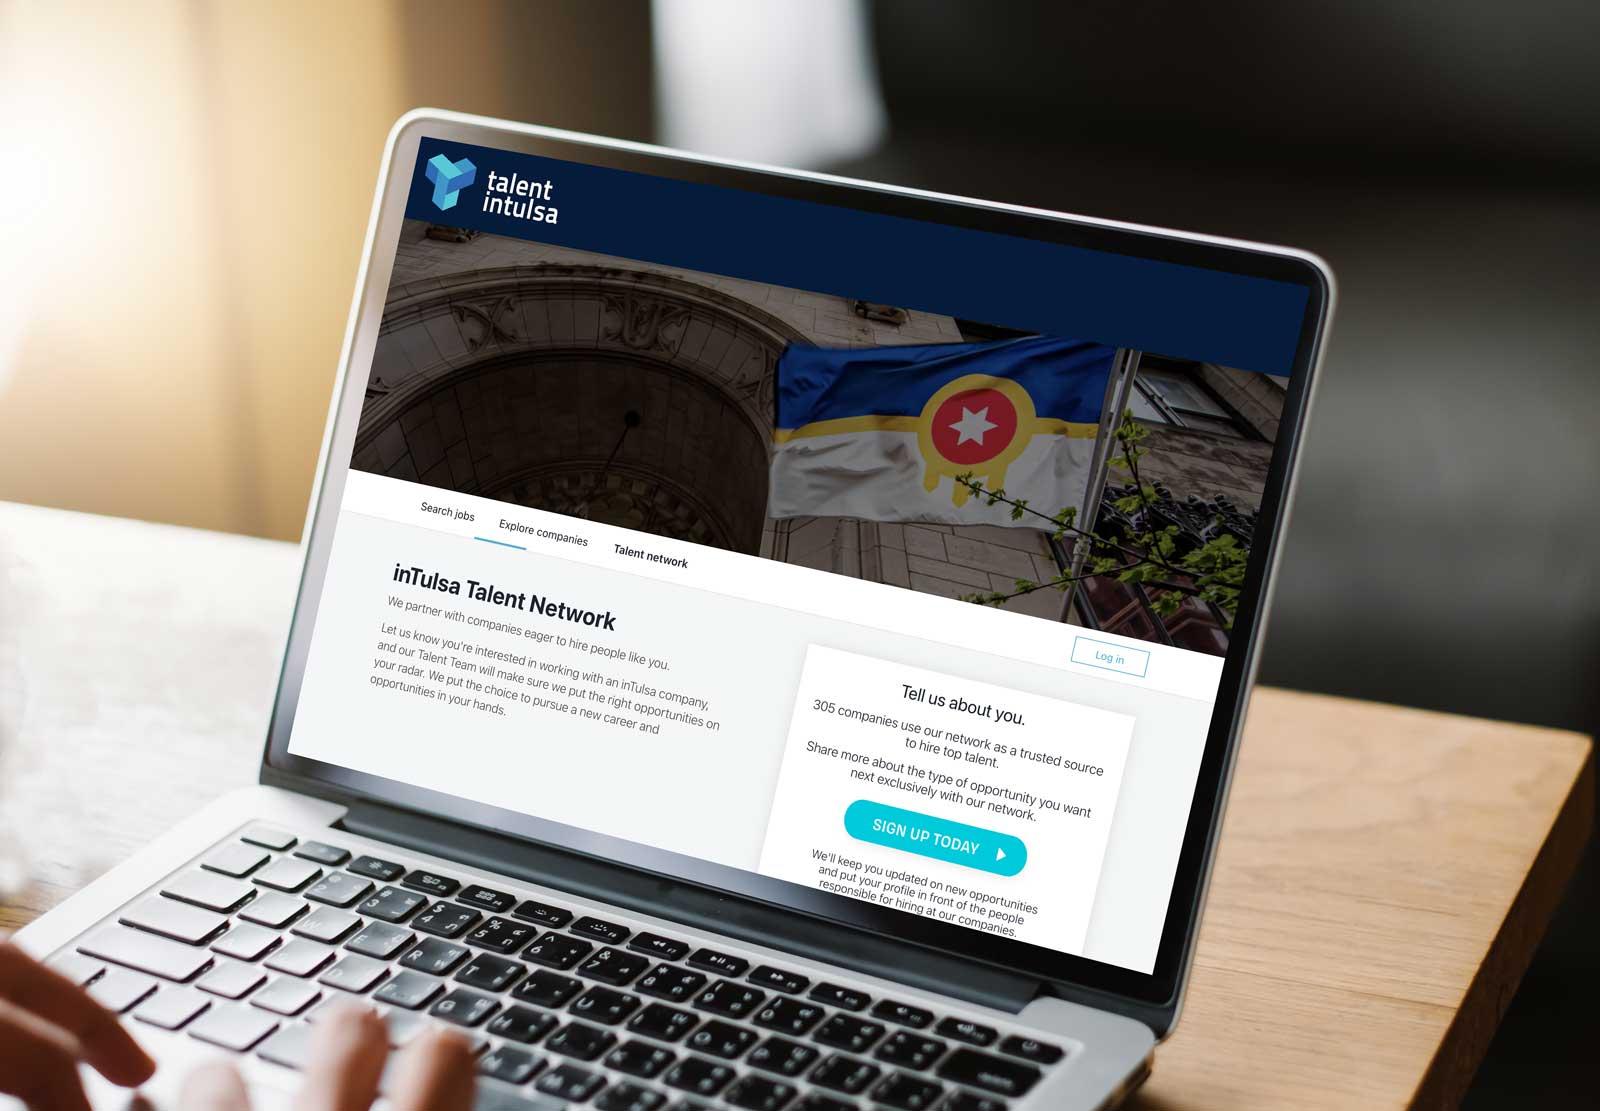 Talent network webpage on laptop